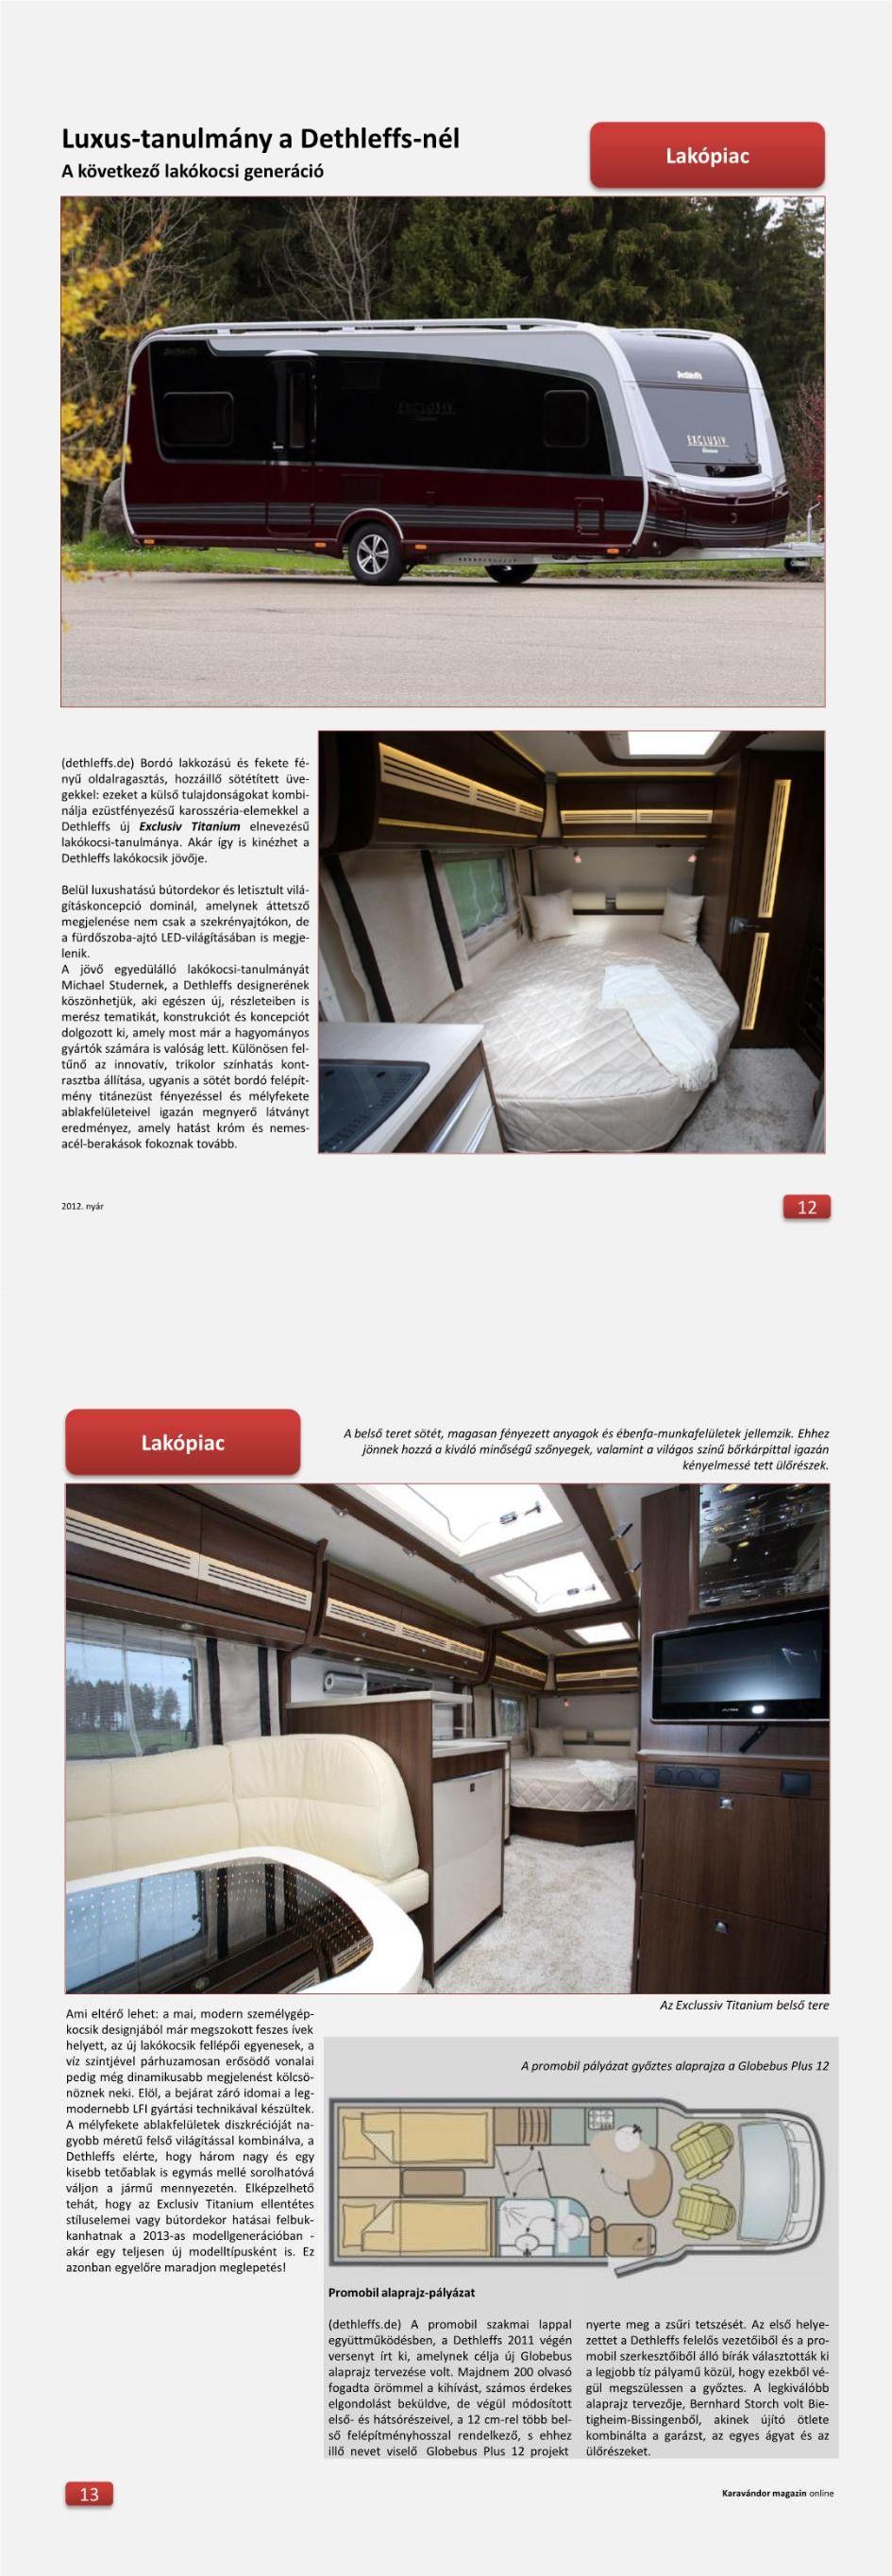 Lakópiac - Luxus-tanulmány a Dethleffs-nél